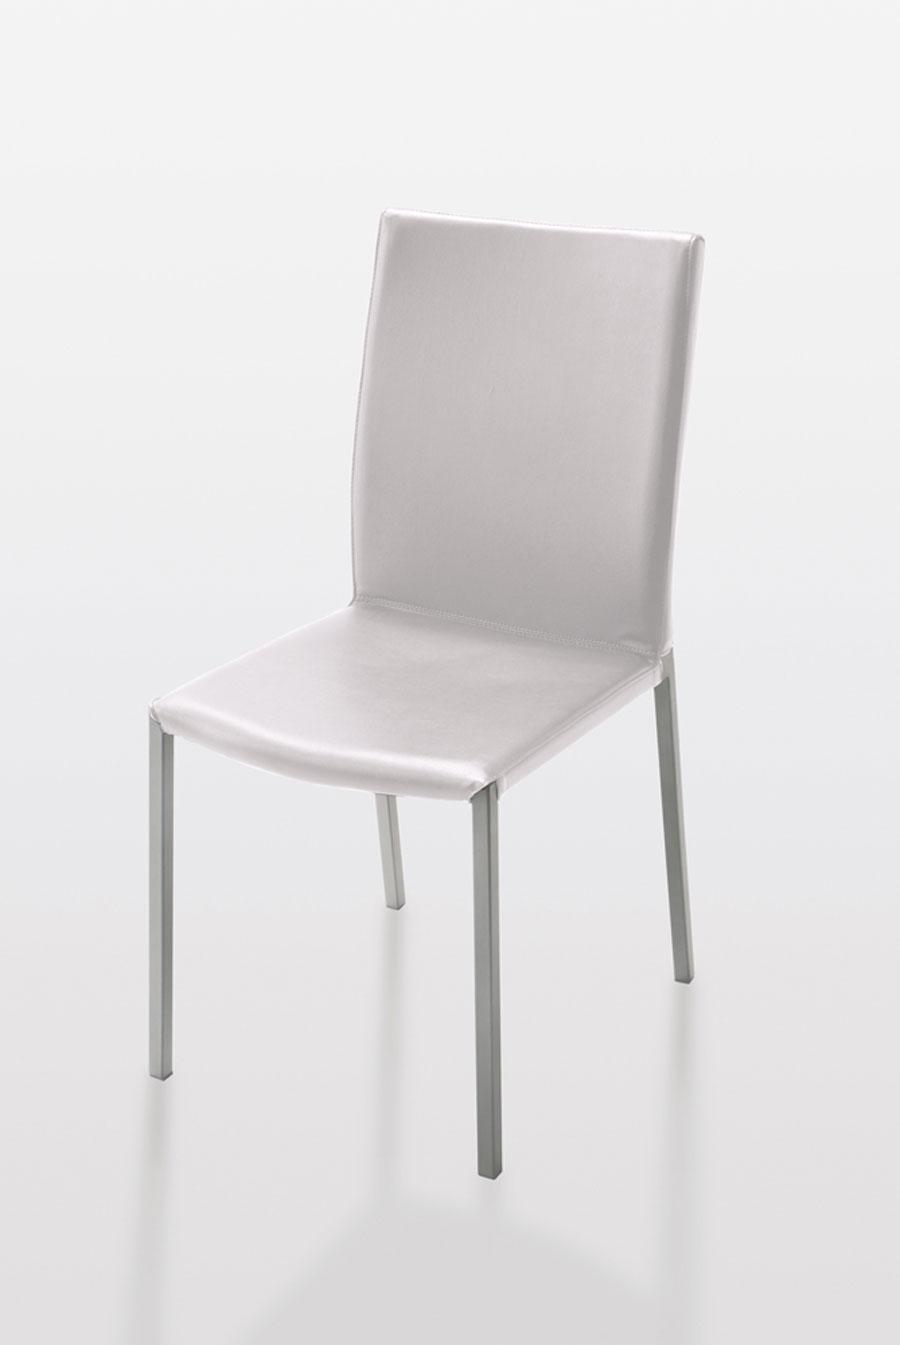 Excellent sedie design moderno ecopelle bianca cucina bar for Sedie da salotto moderne